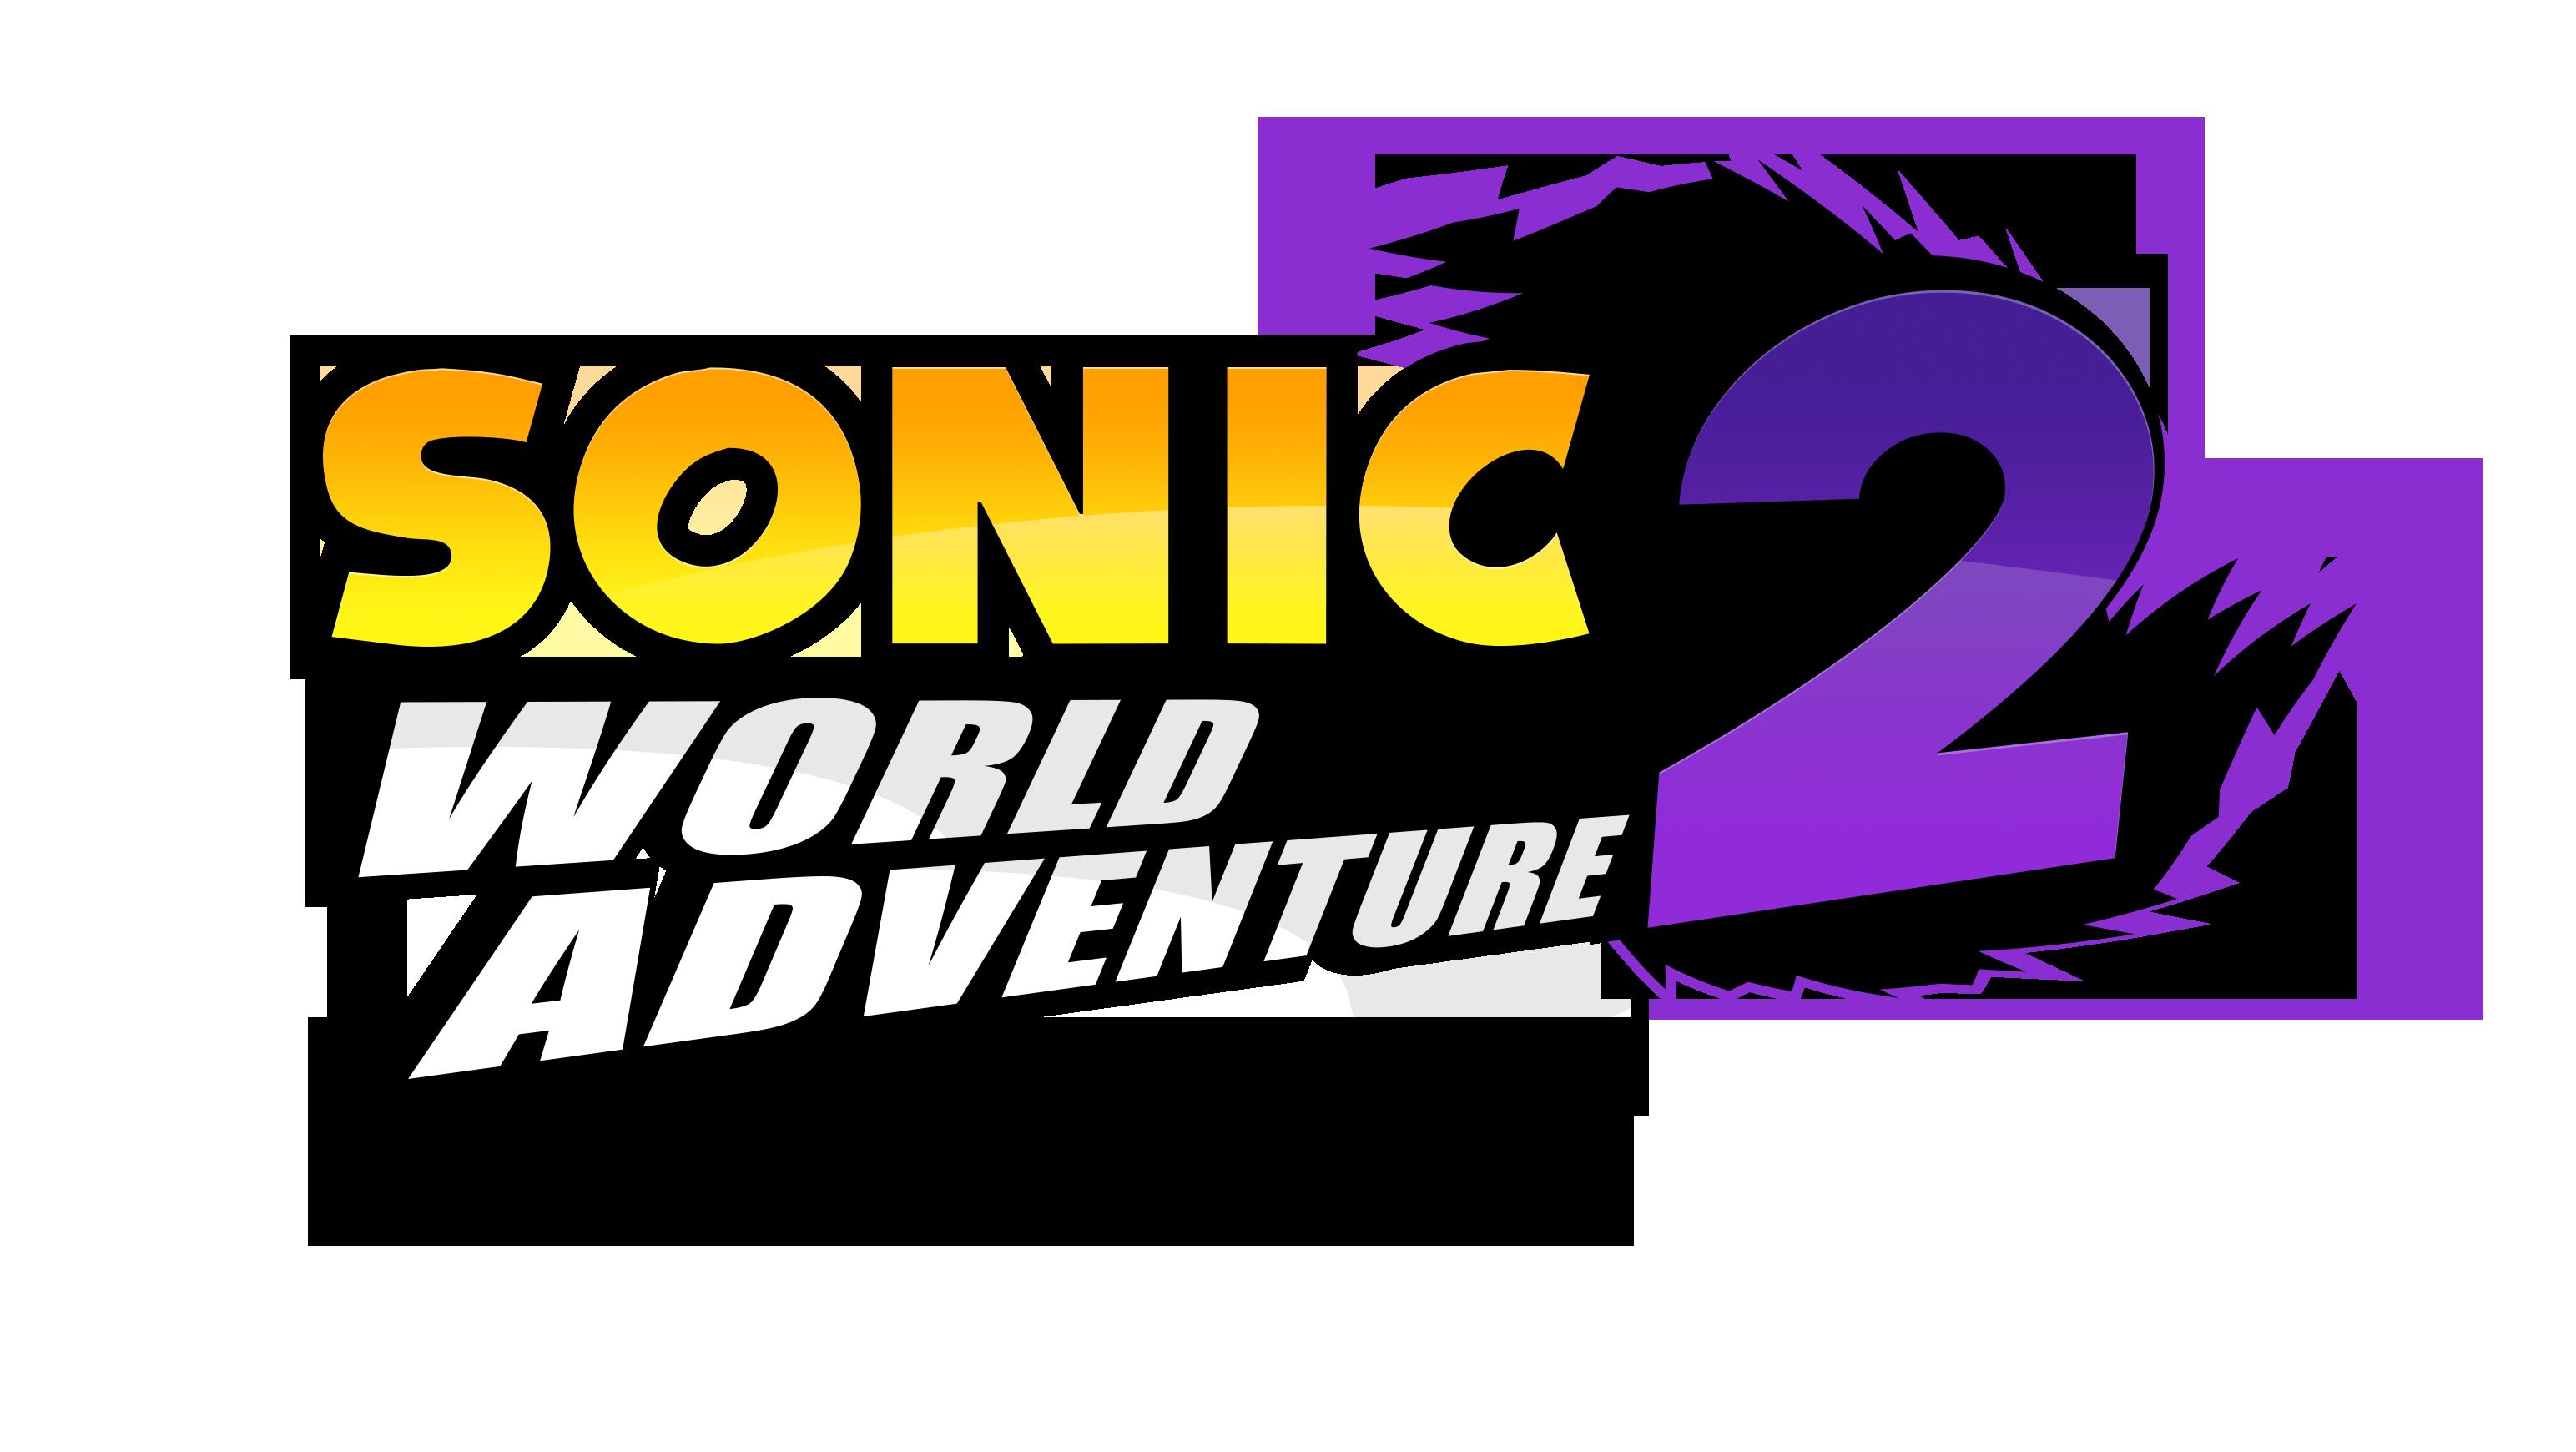 sonic adventure 3 logo wwwimgkidcom the image kid